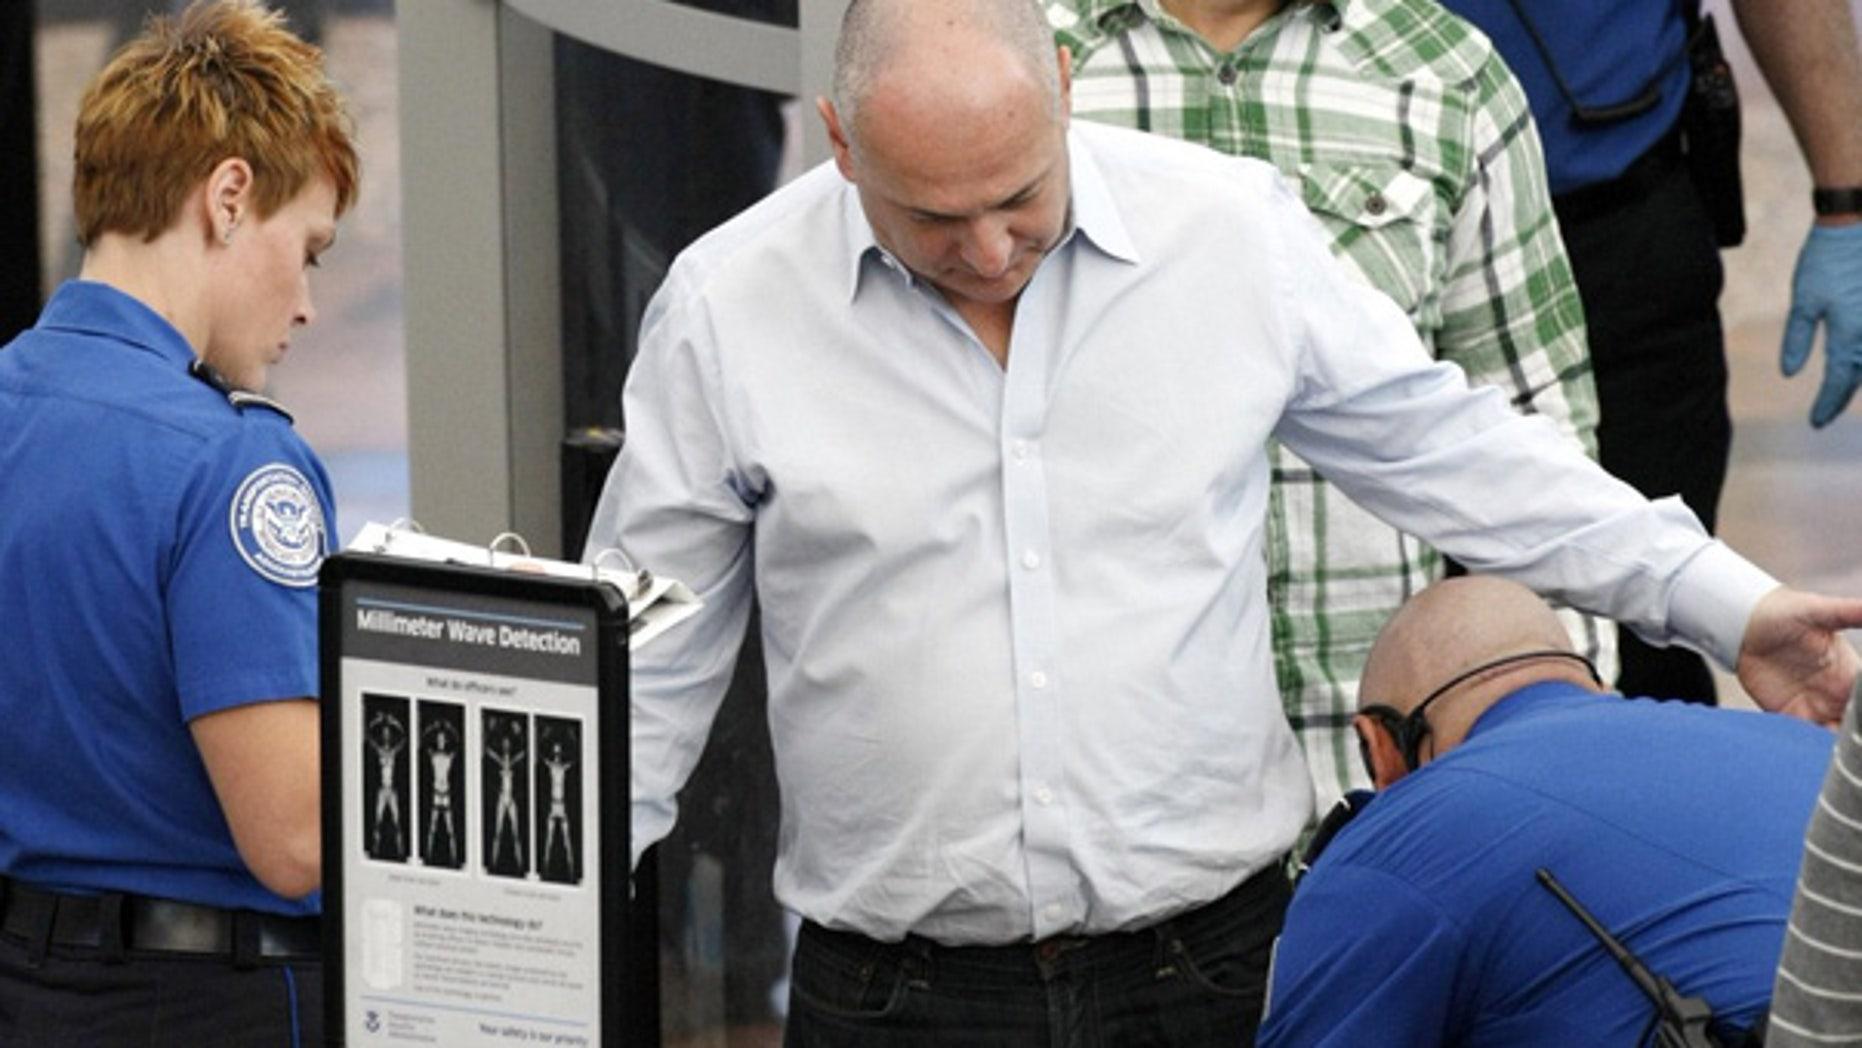 Nov. 23: A TSA worker rubs a traveler's leg as another TSA worker looks on during a pat-down at Denver airport.